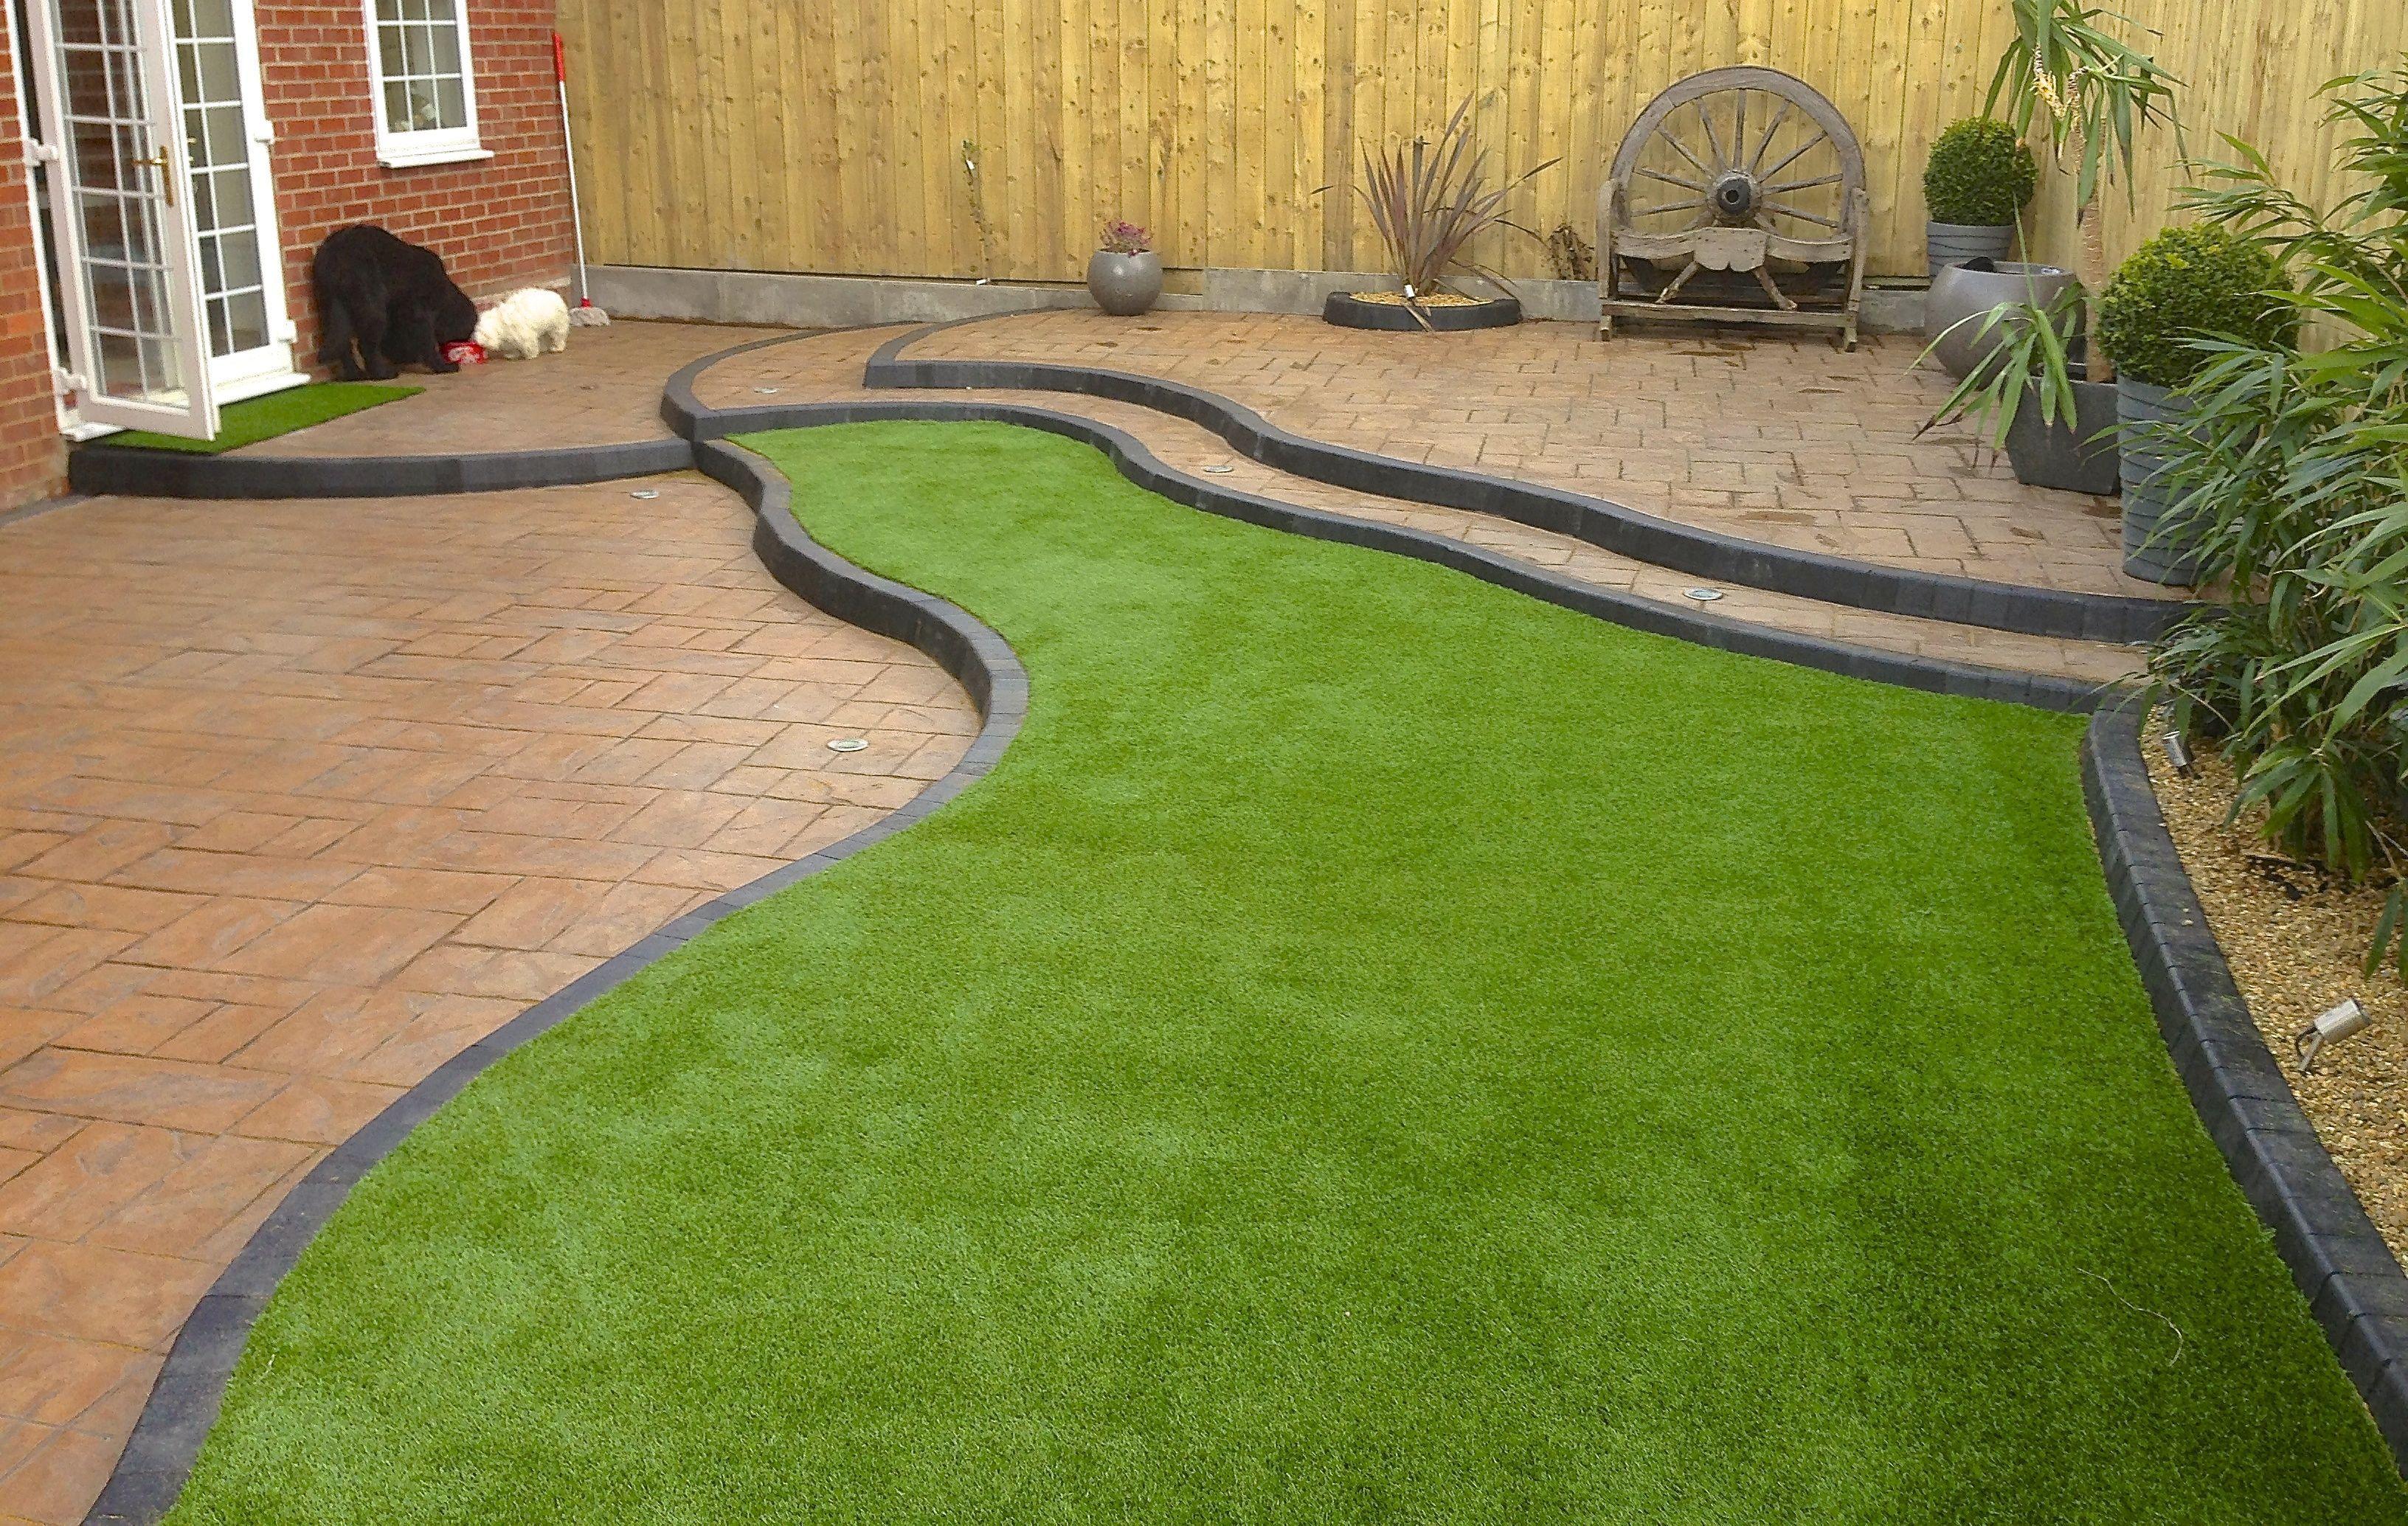 Garden Design With Artificial Grass artificial grass in a garden | artificial materials in a garden